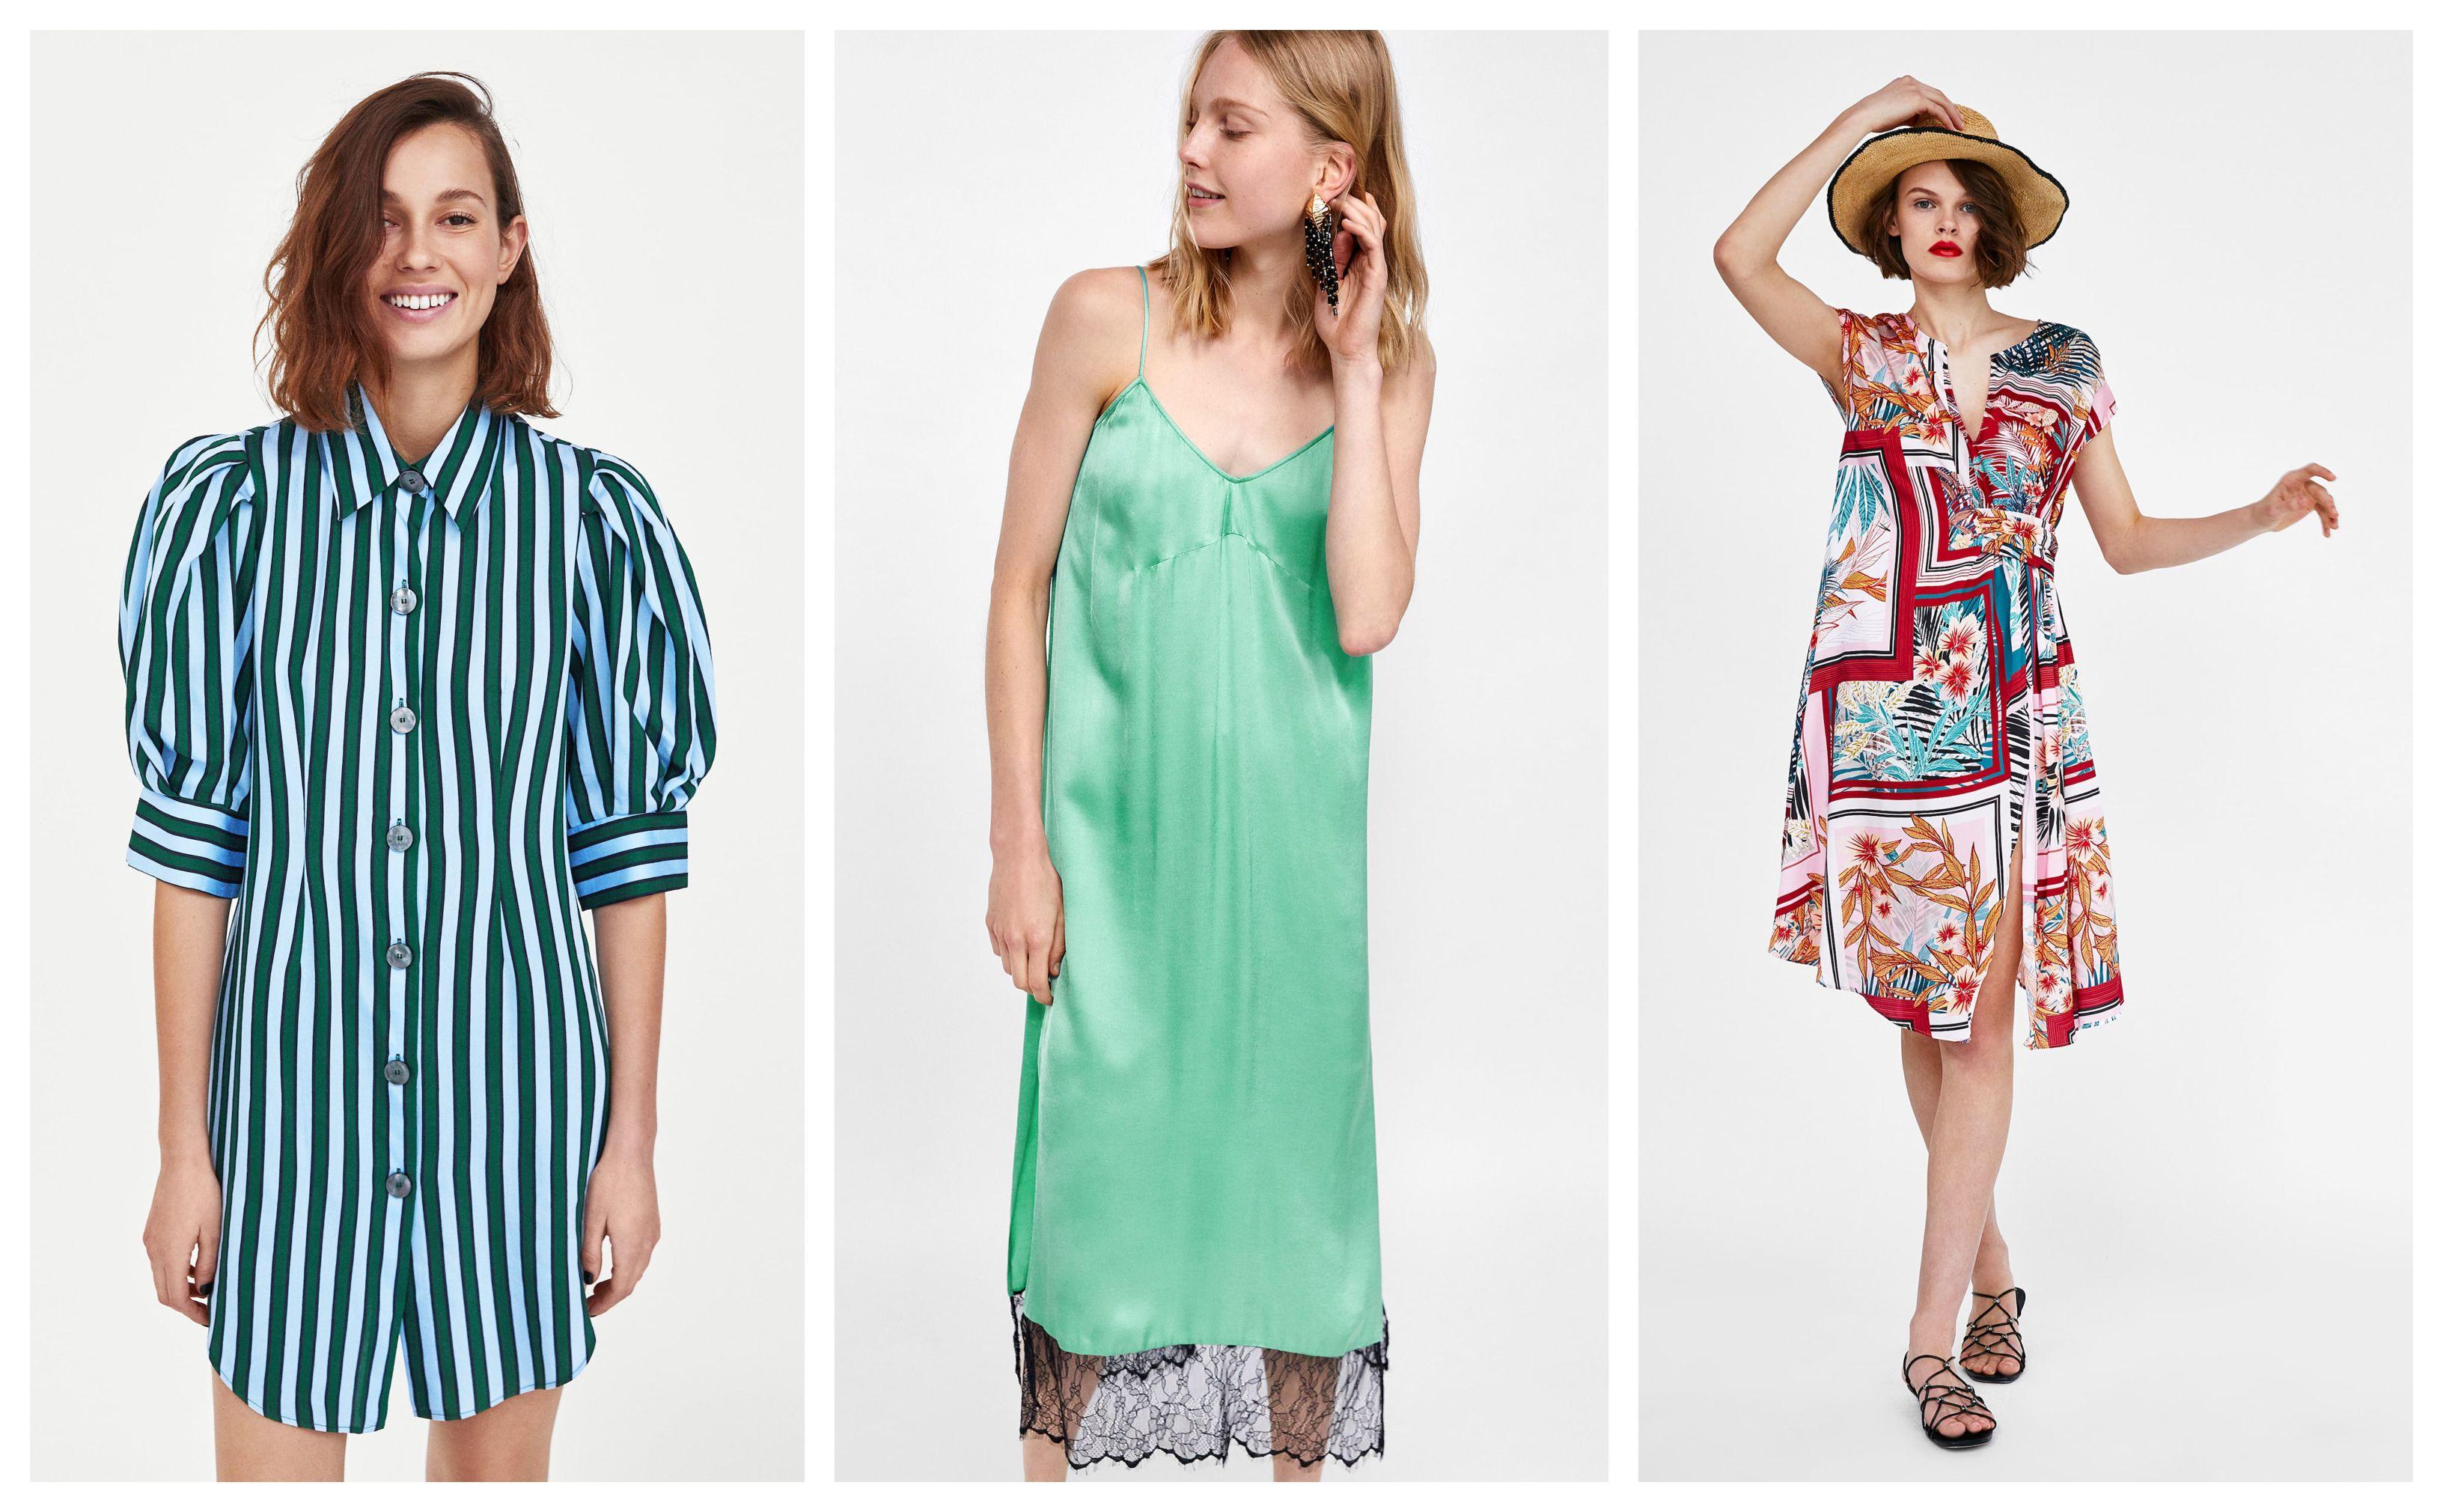 Sniženja još traju: Ove haljine u Zari možete ugrabiti za manje od 150 kuna!